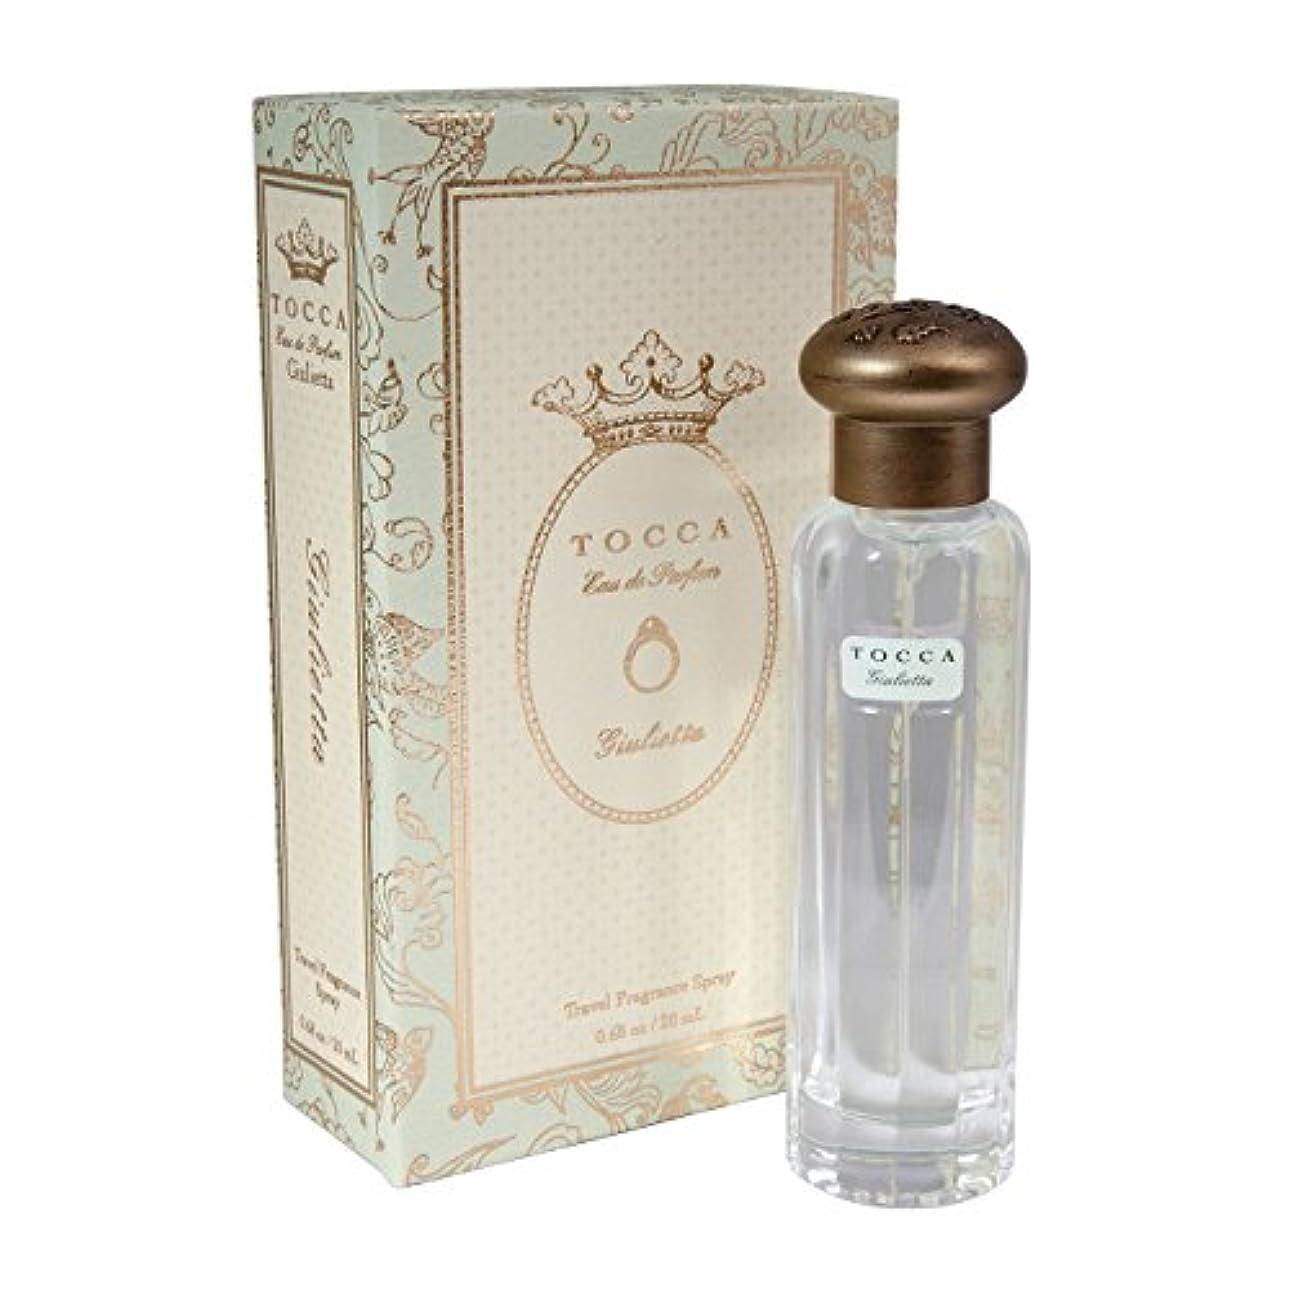 確保するクレア入口トッカ(TOCCA)  トラベルフレグランススプレー ジュリエッタの香り 20ml(香水 オードパルファム 映画監督と女優である妻とのラブストーリーを描く、グリーンアップルとチューリップの甘く優美な香り)